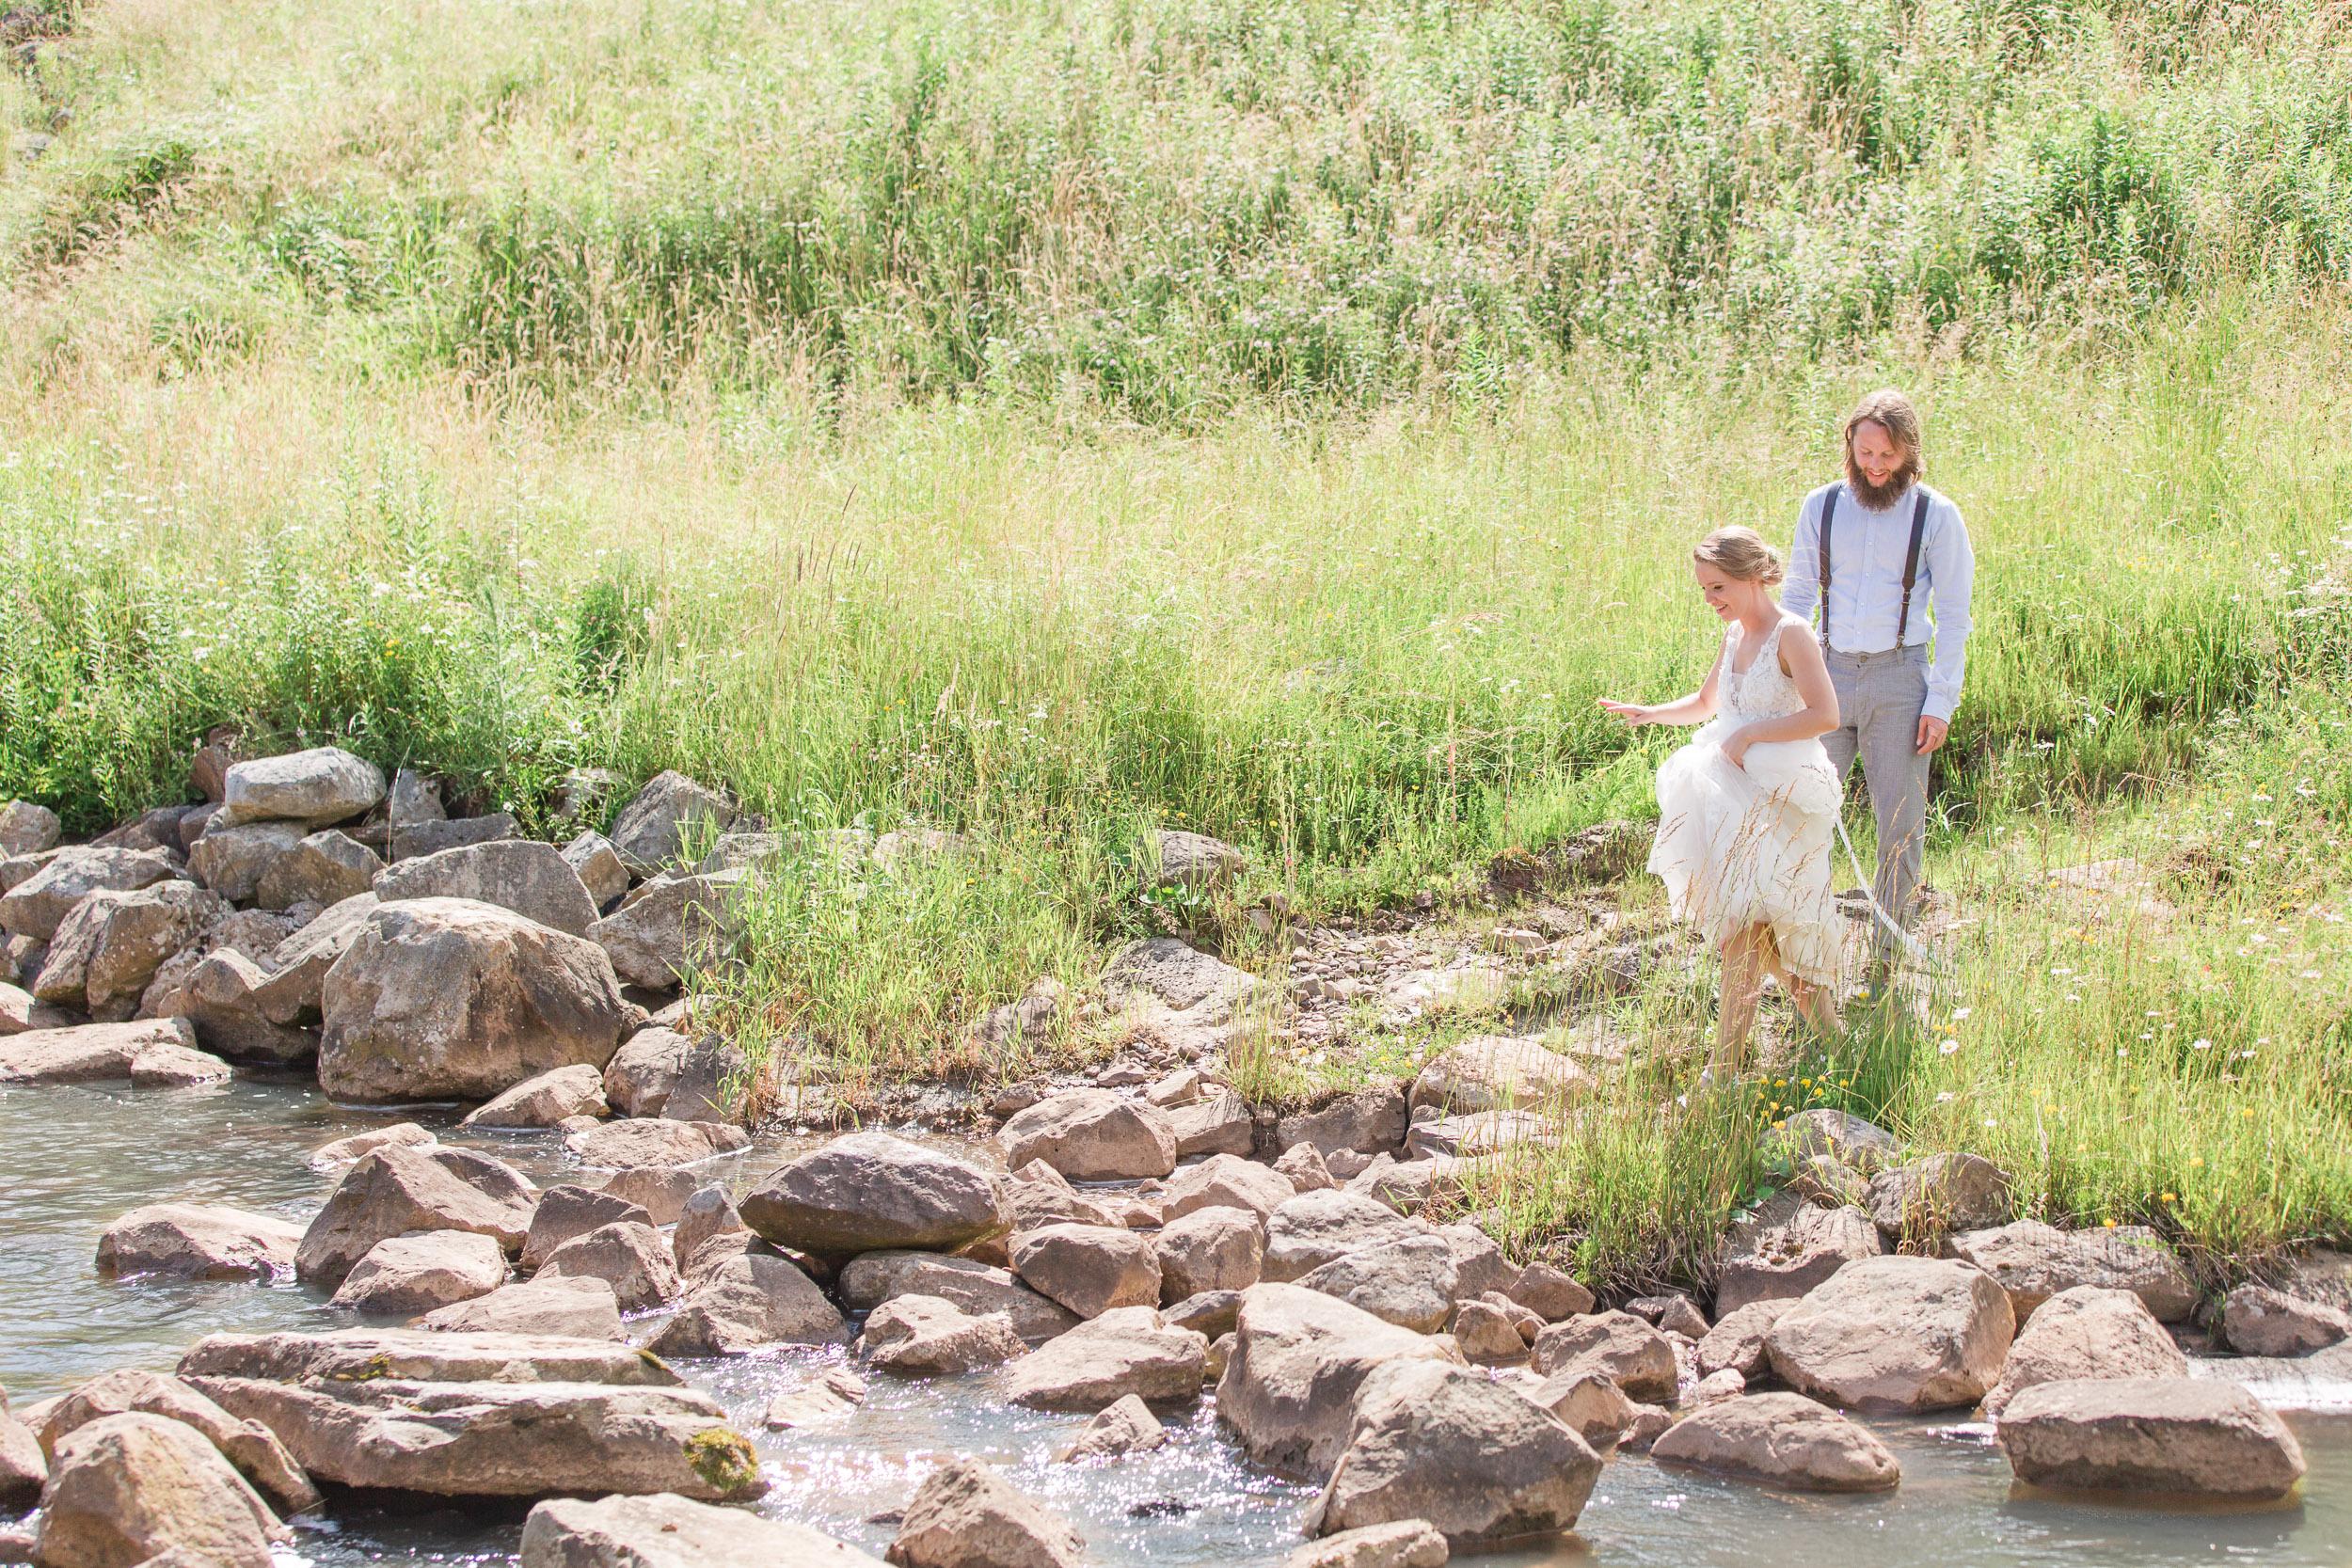 wv snowshoe wedding first look summer hiking-4.jpg